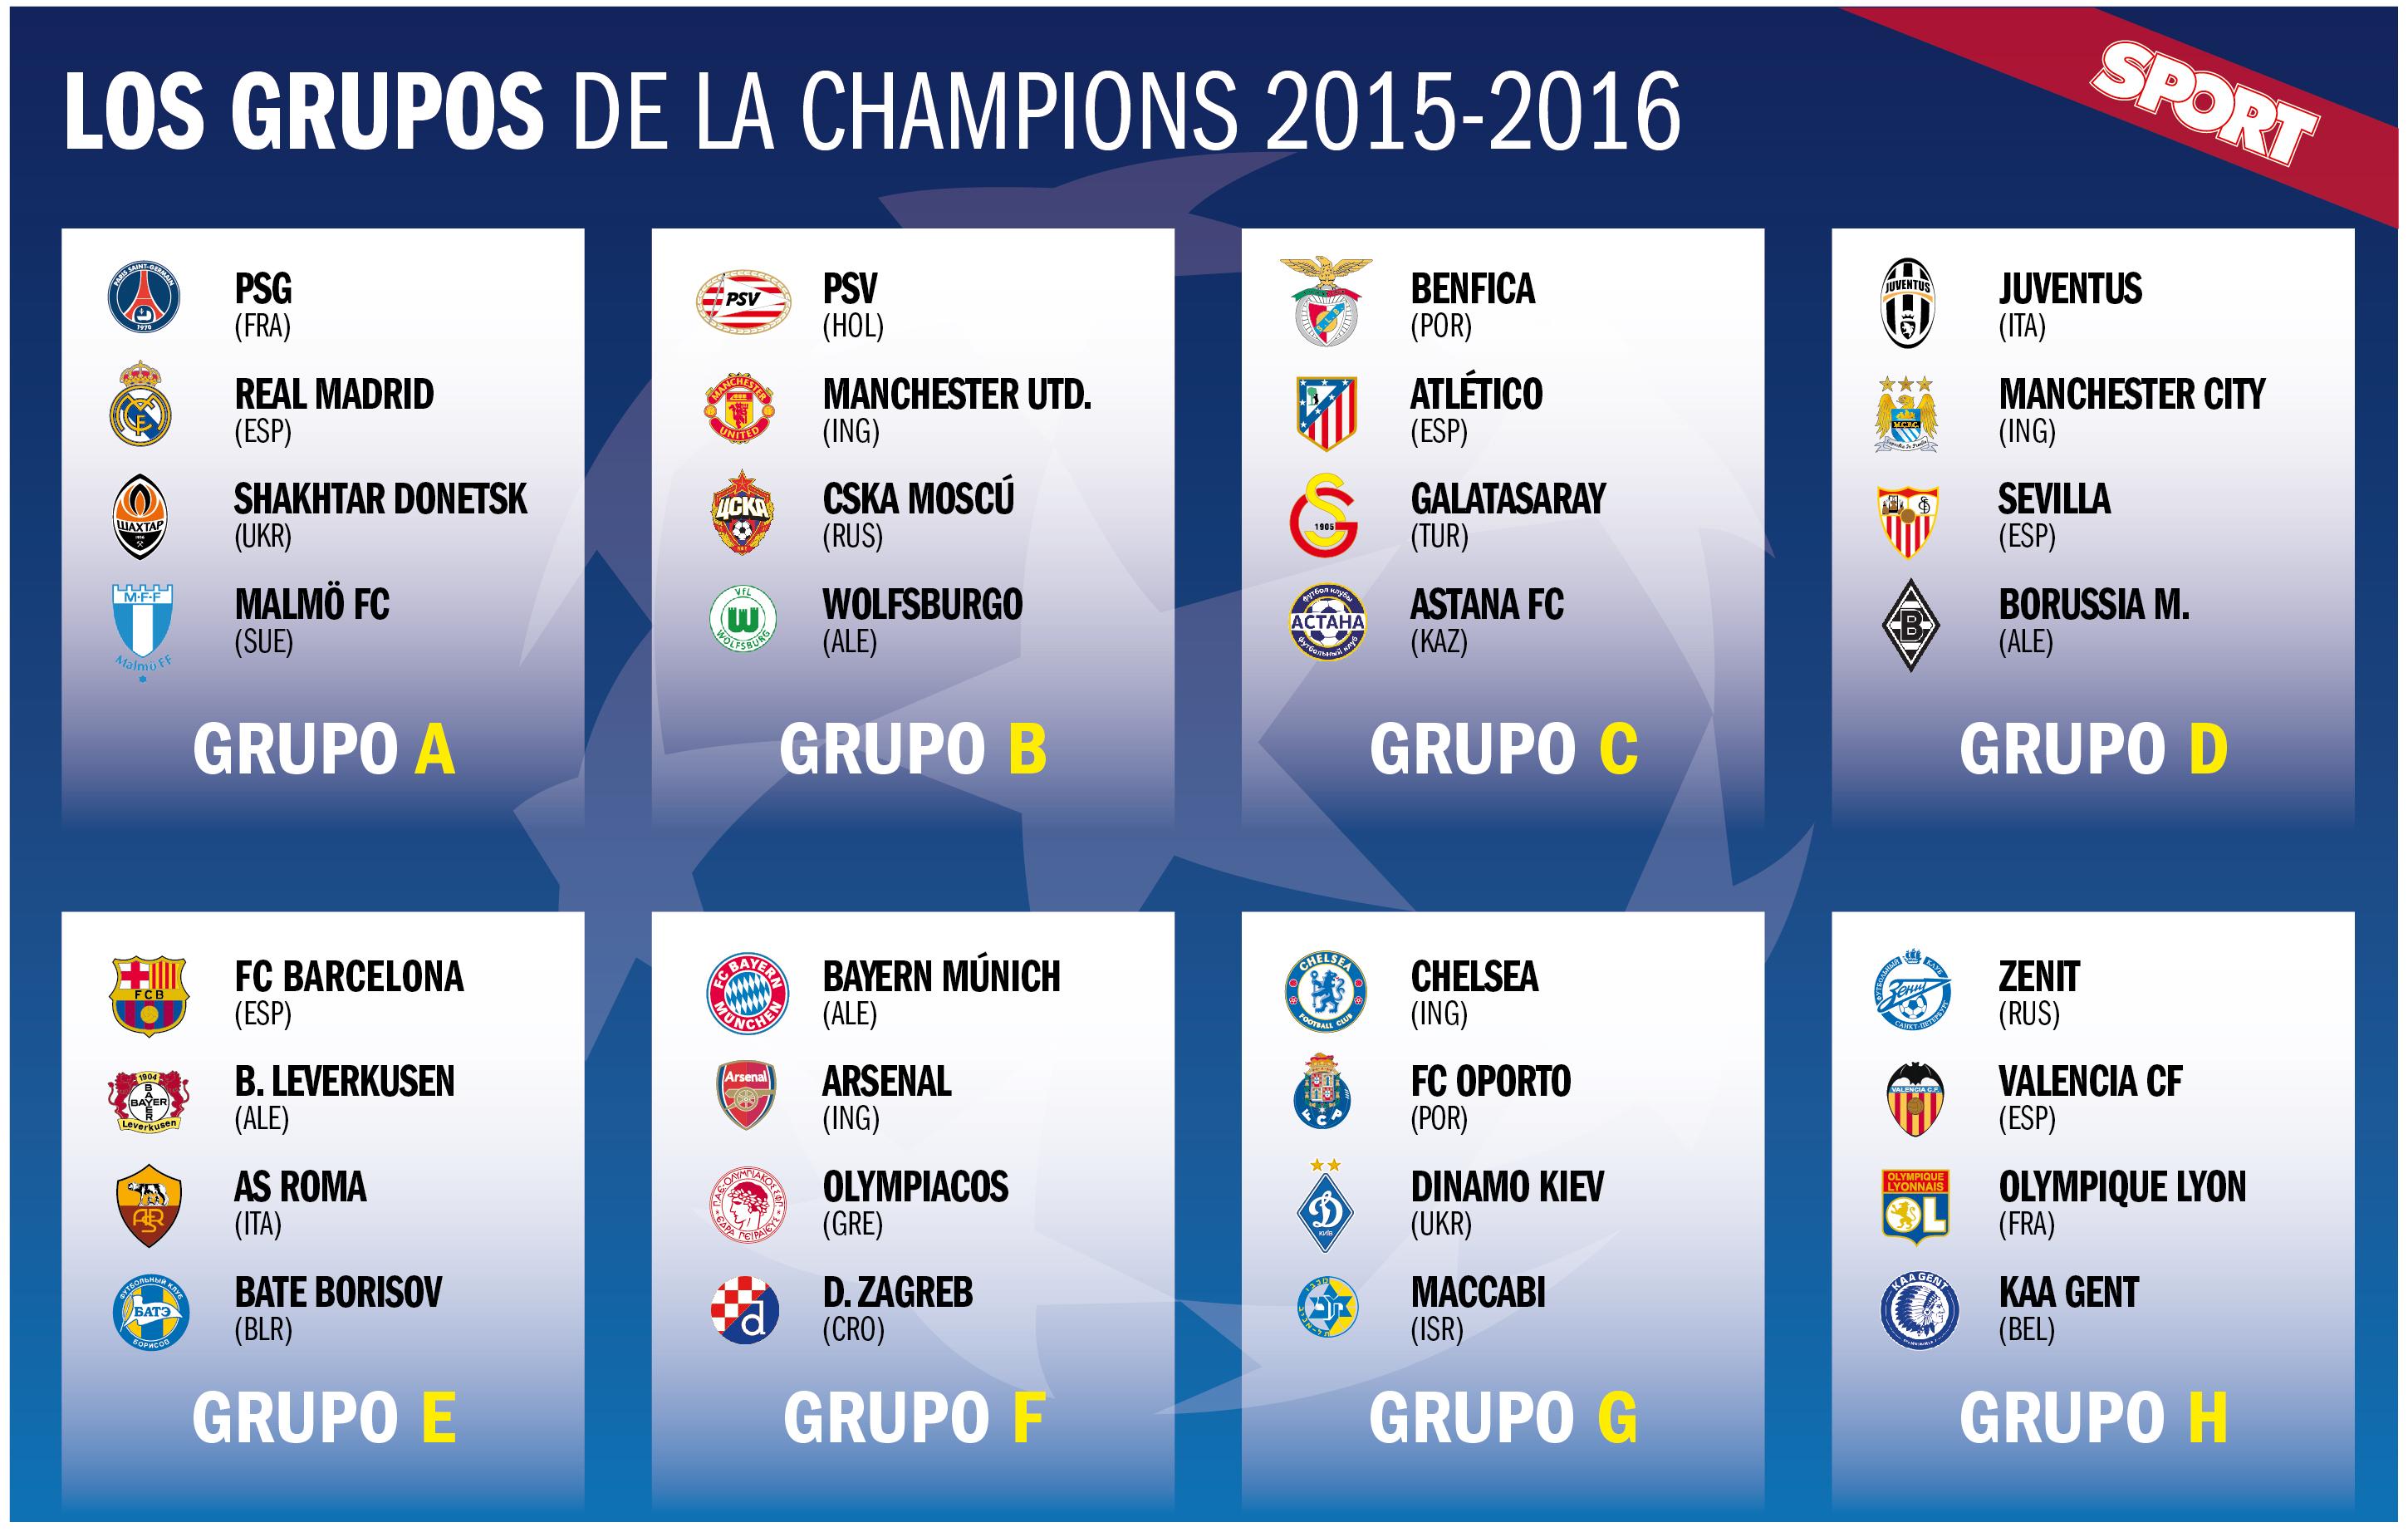 Календарь всех игр реал мадрид в лиге чемпионов